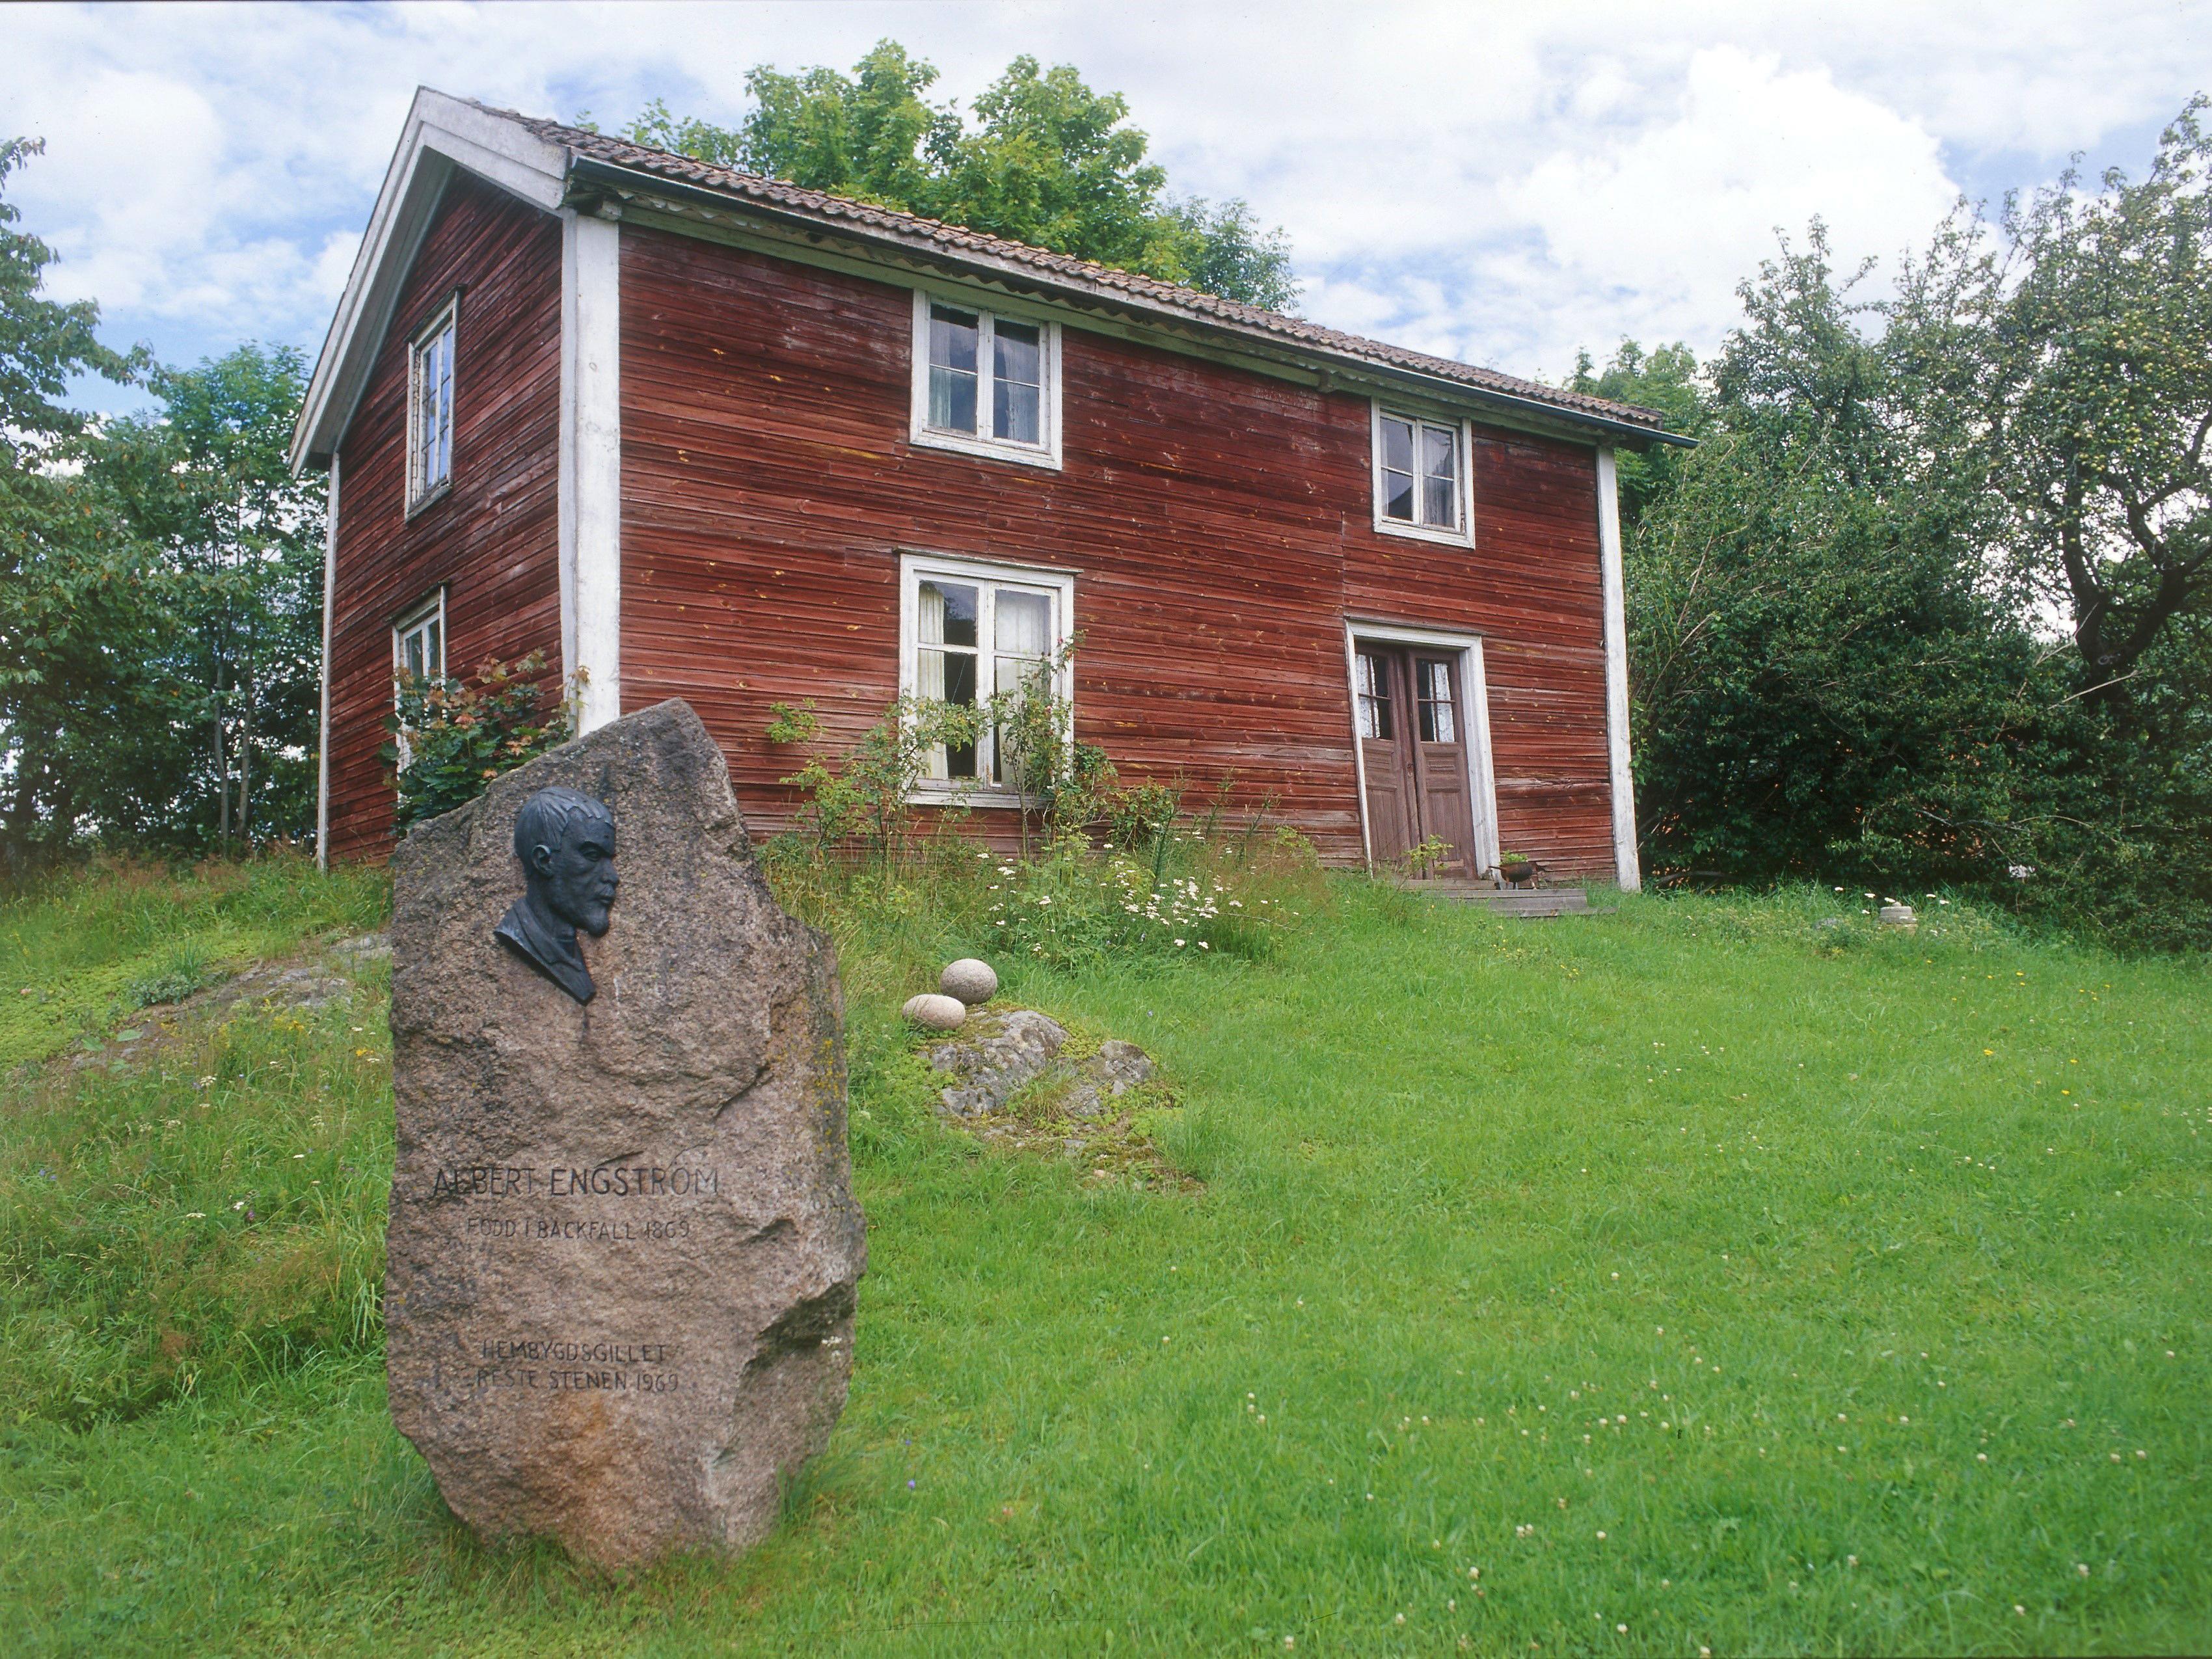 Albert Engströms födelsehem